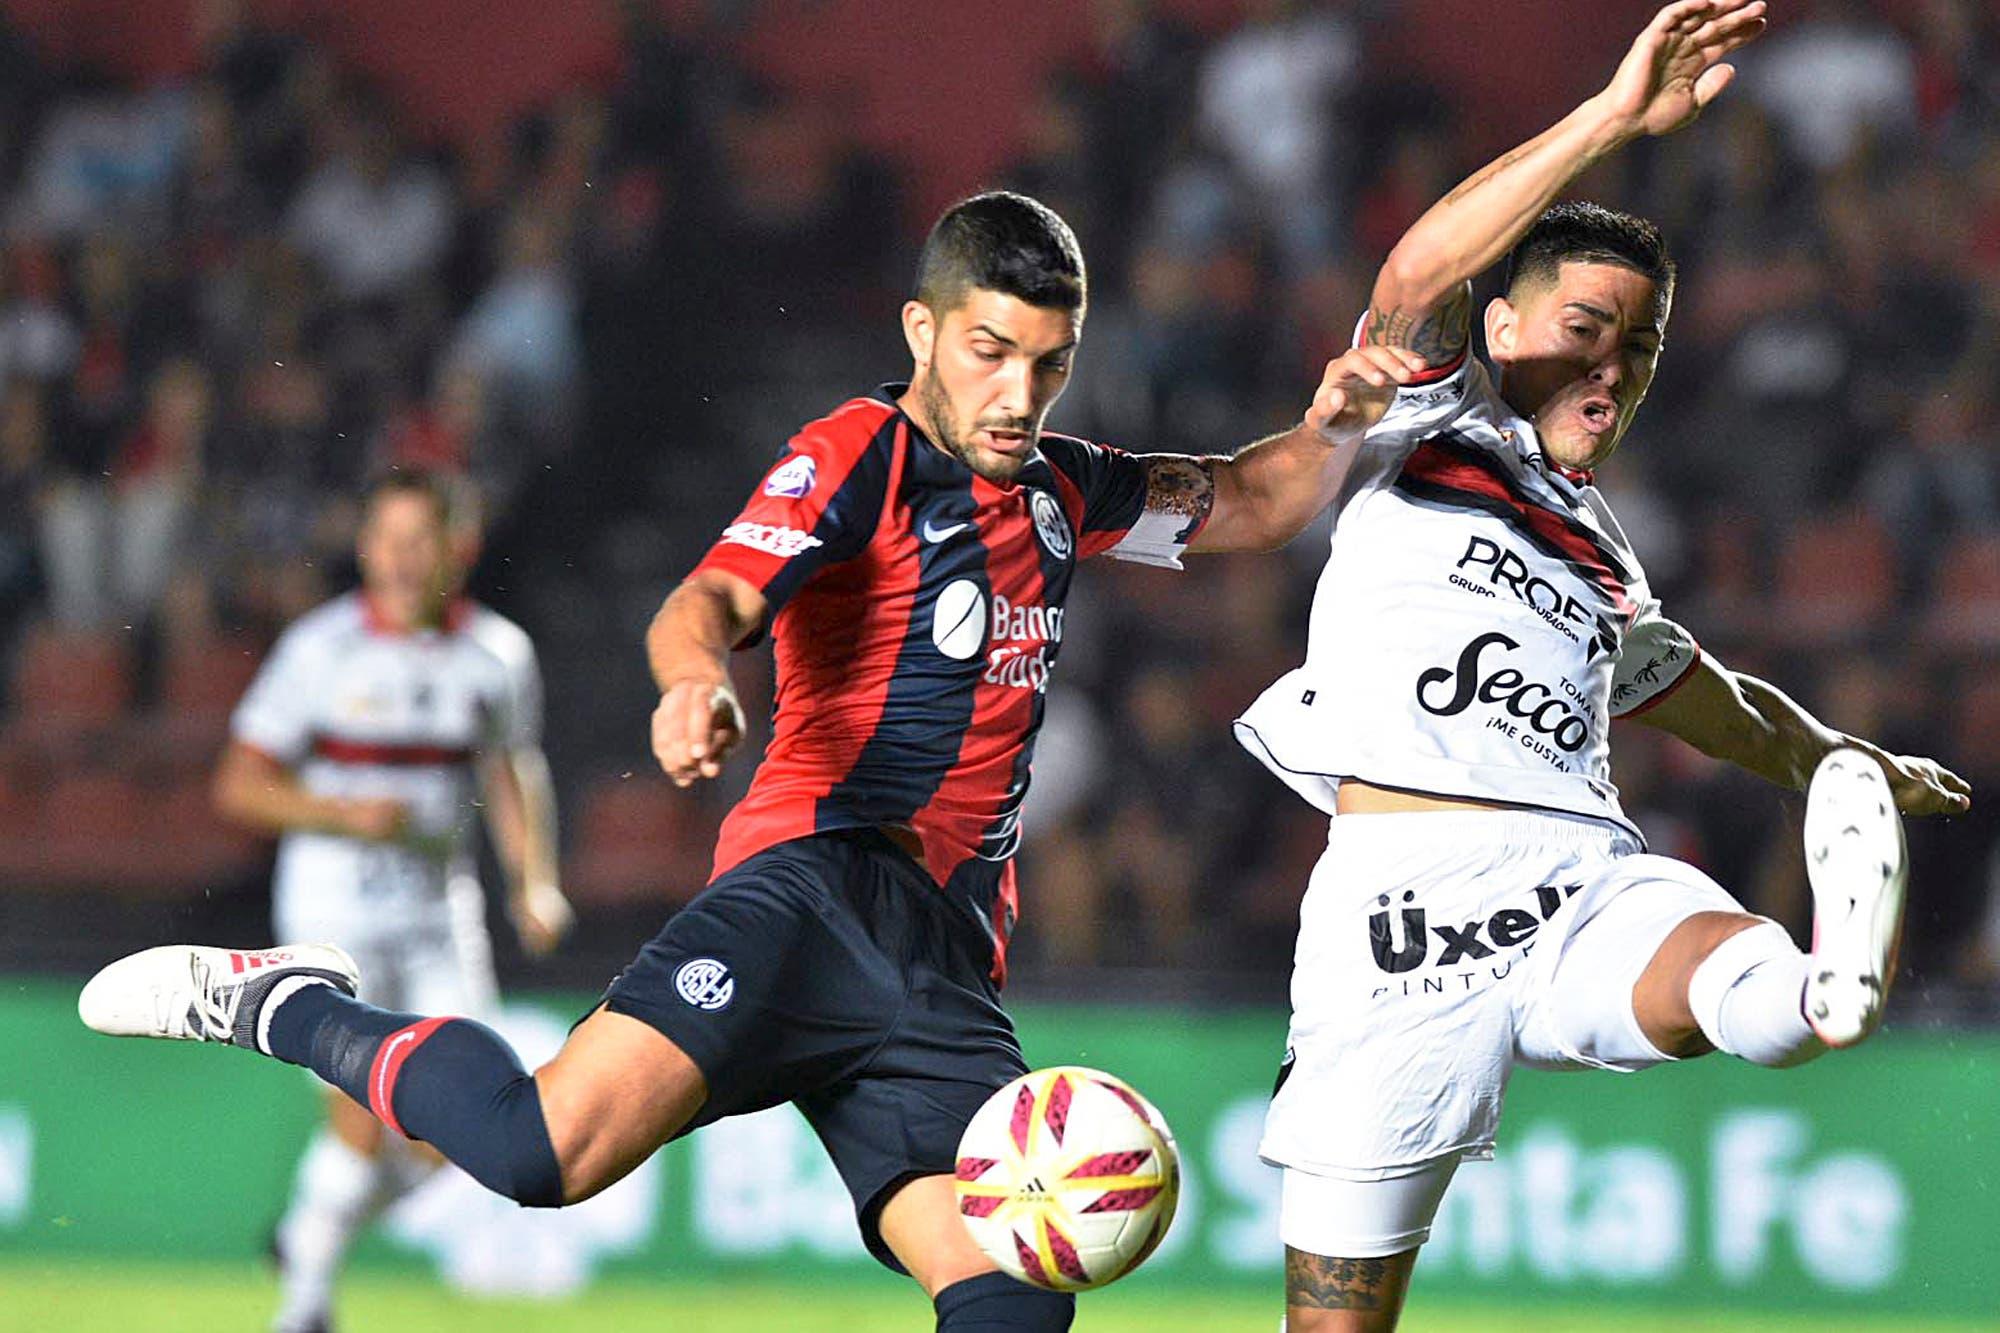 Colón-San Lorenzo, Superliga: el Ciclón gana en Santa Fe